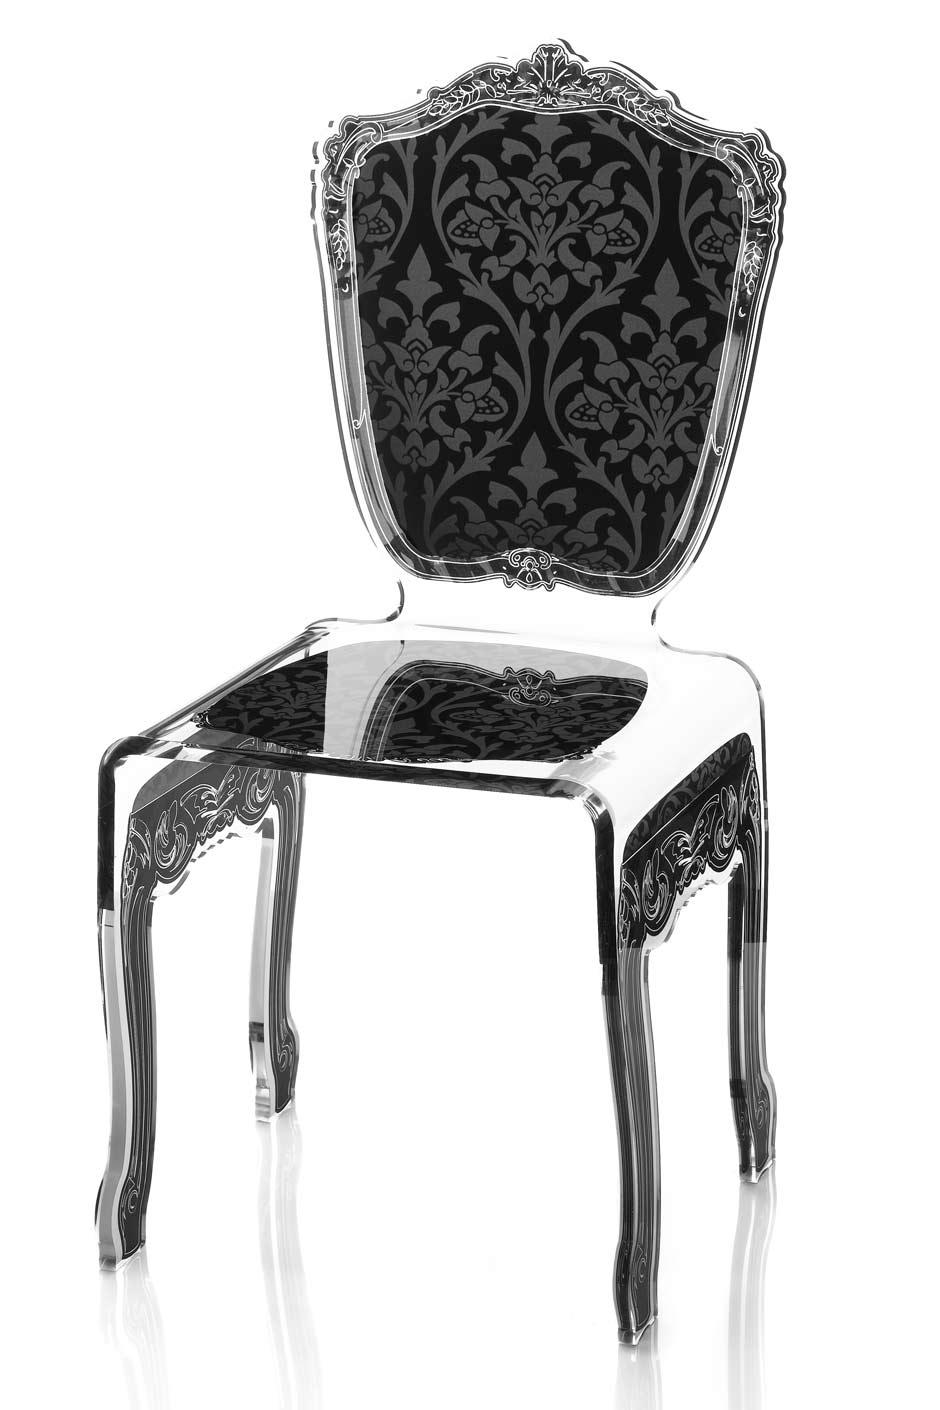 chaise plexiglas transparent baroque motif noir acrila sp cialiste du plexiglas r f 11030353. Black Bedroom Furniture Sets. Home Design Ideas